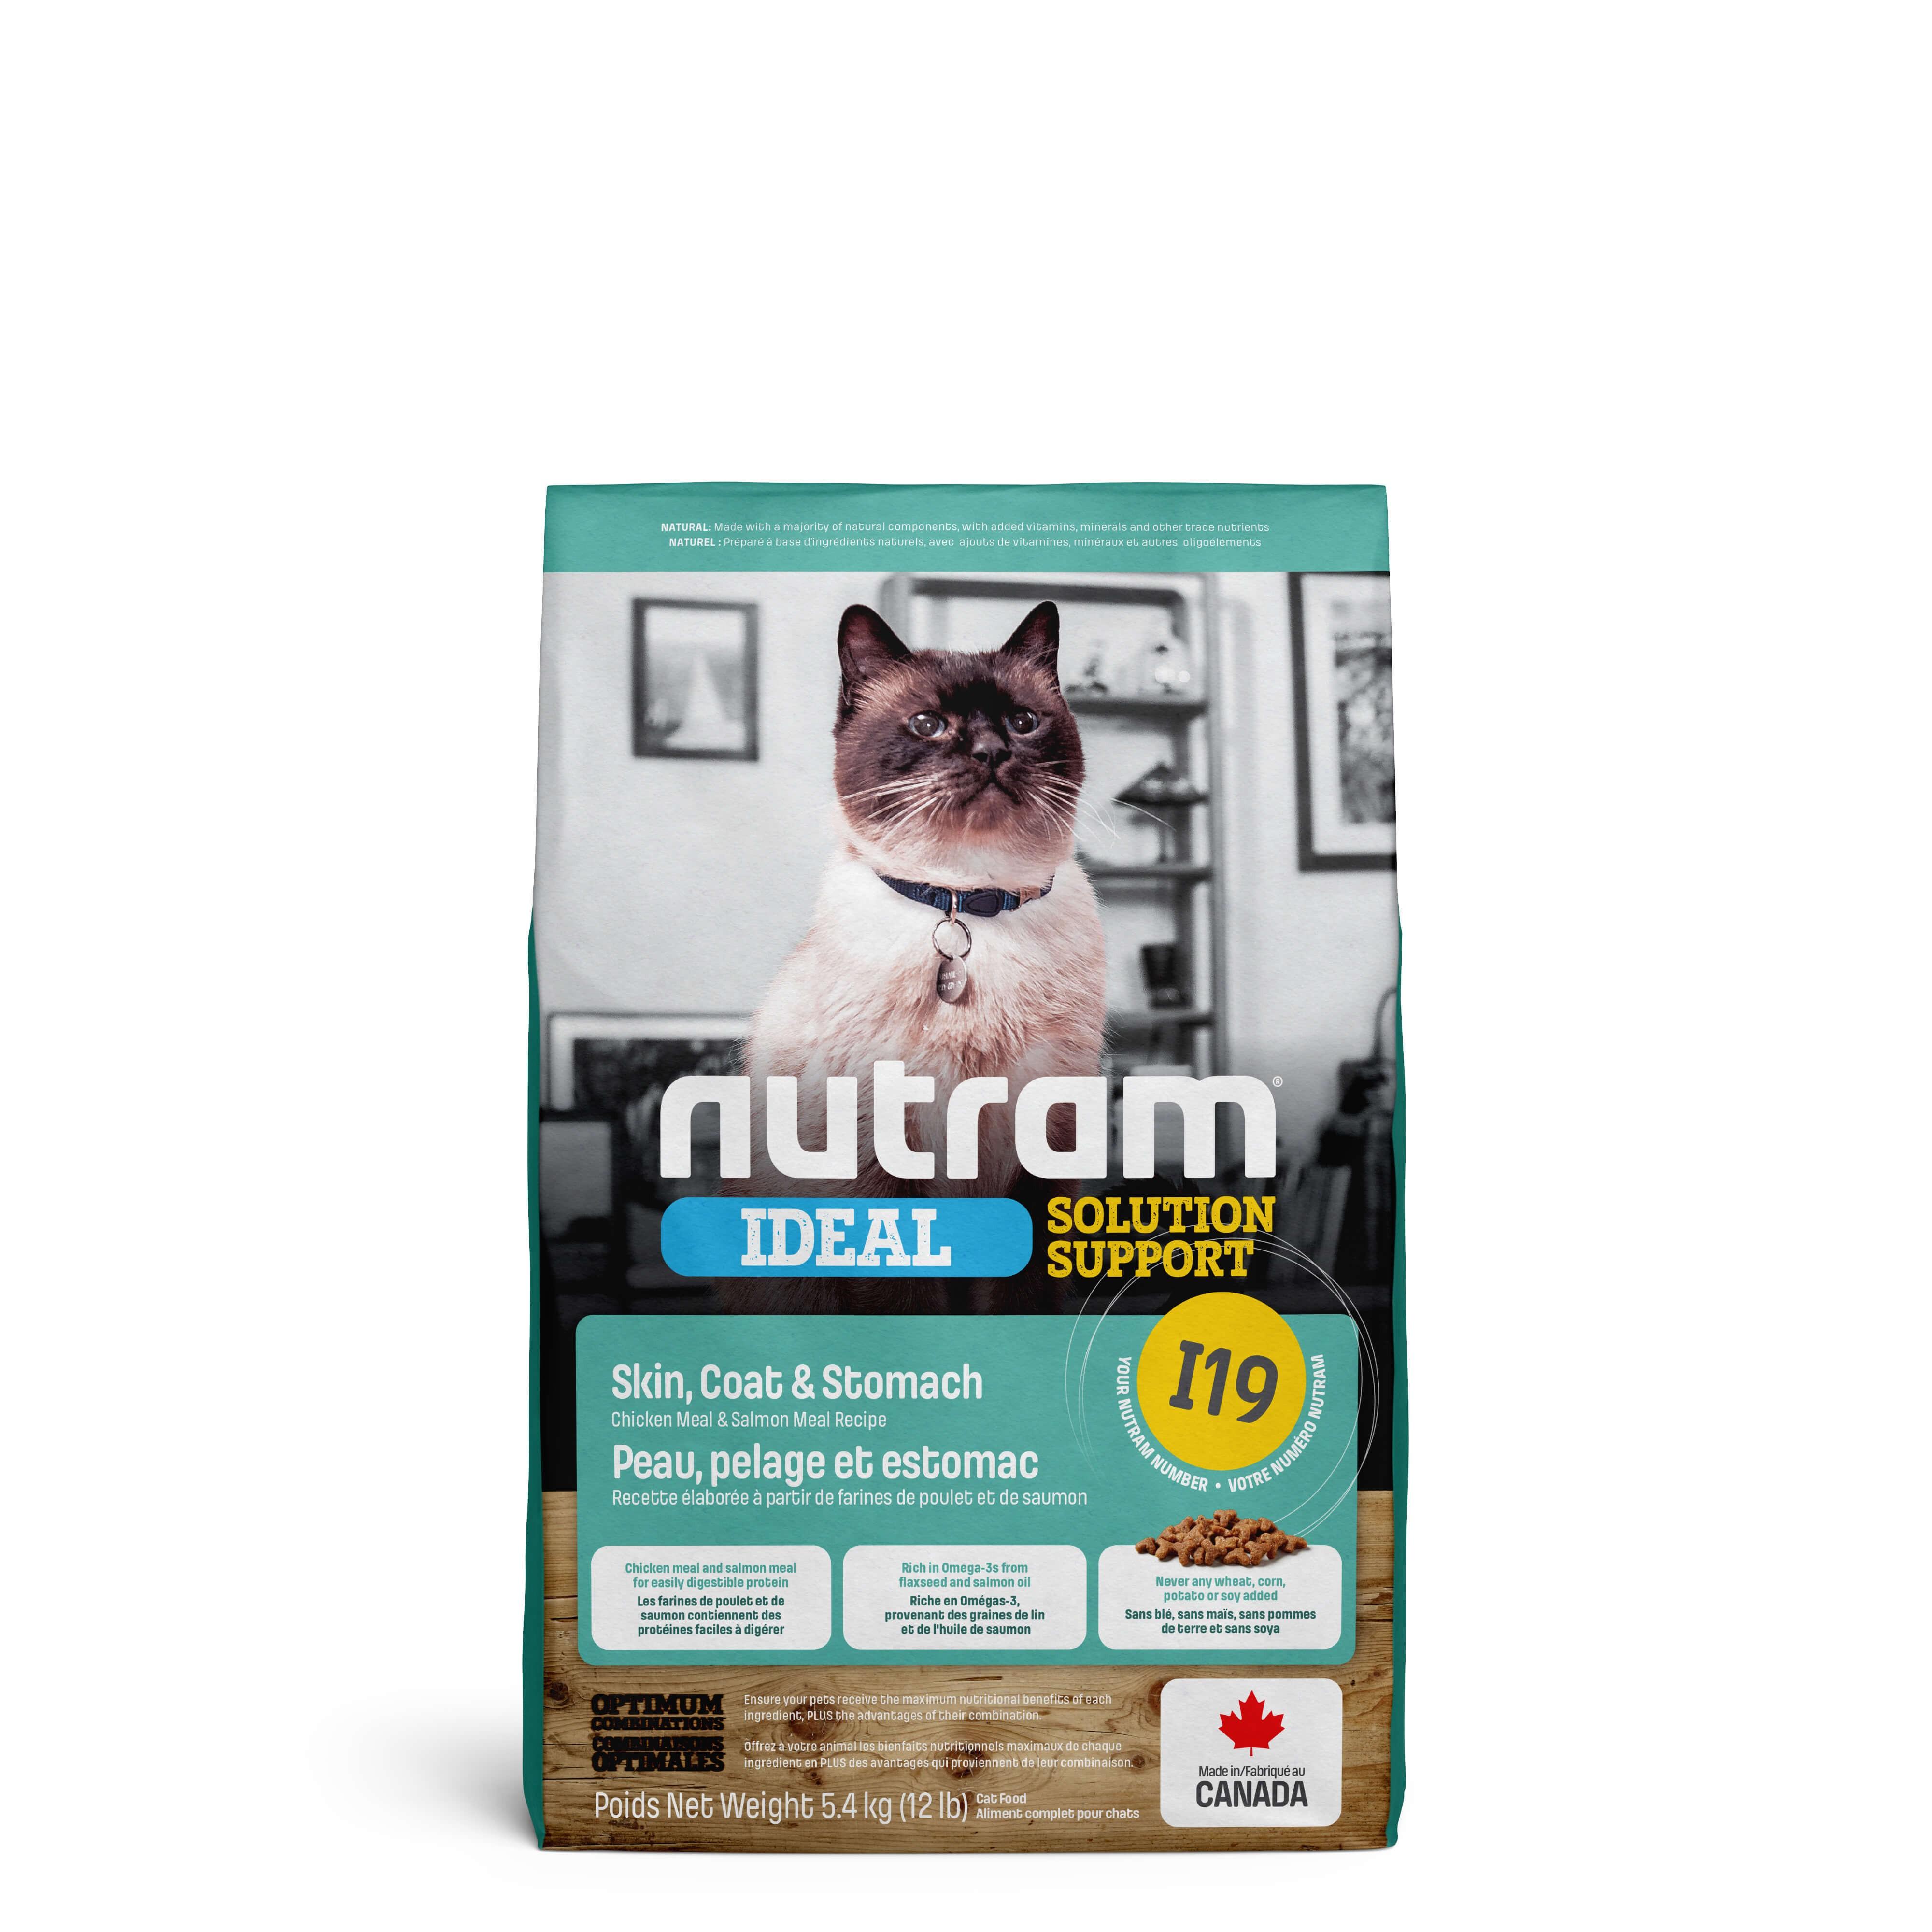 Nutram Ideal Solution Support Sensitive Skin I19 Katzenfutter